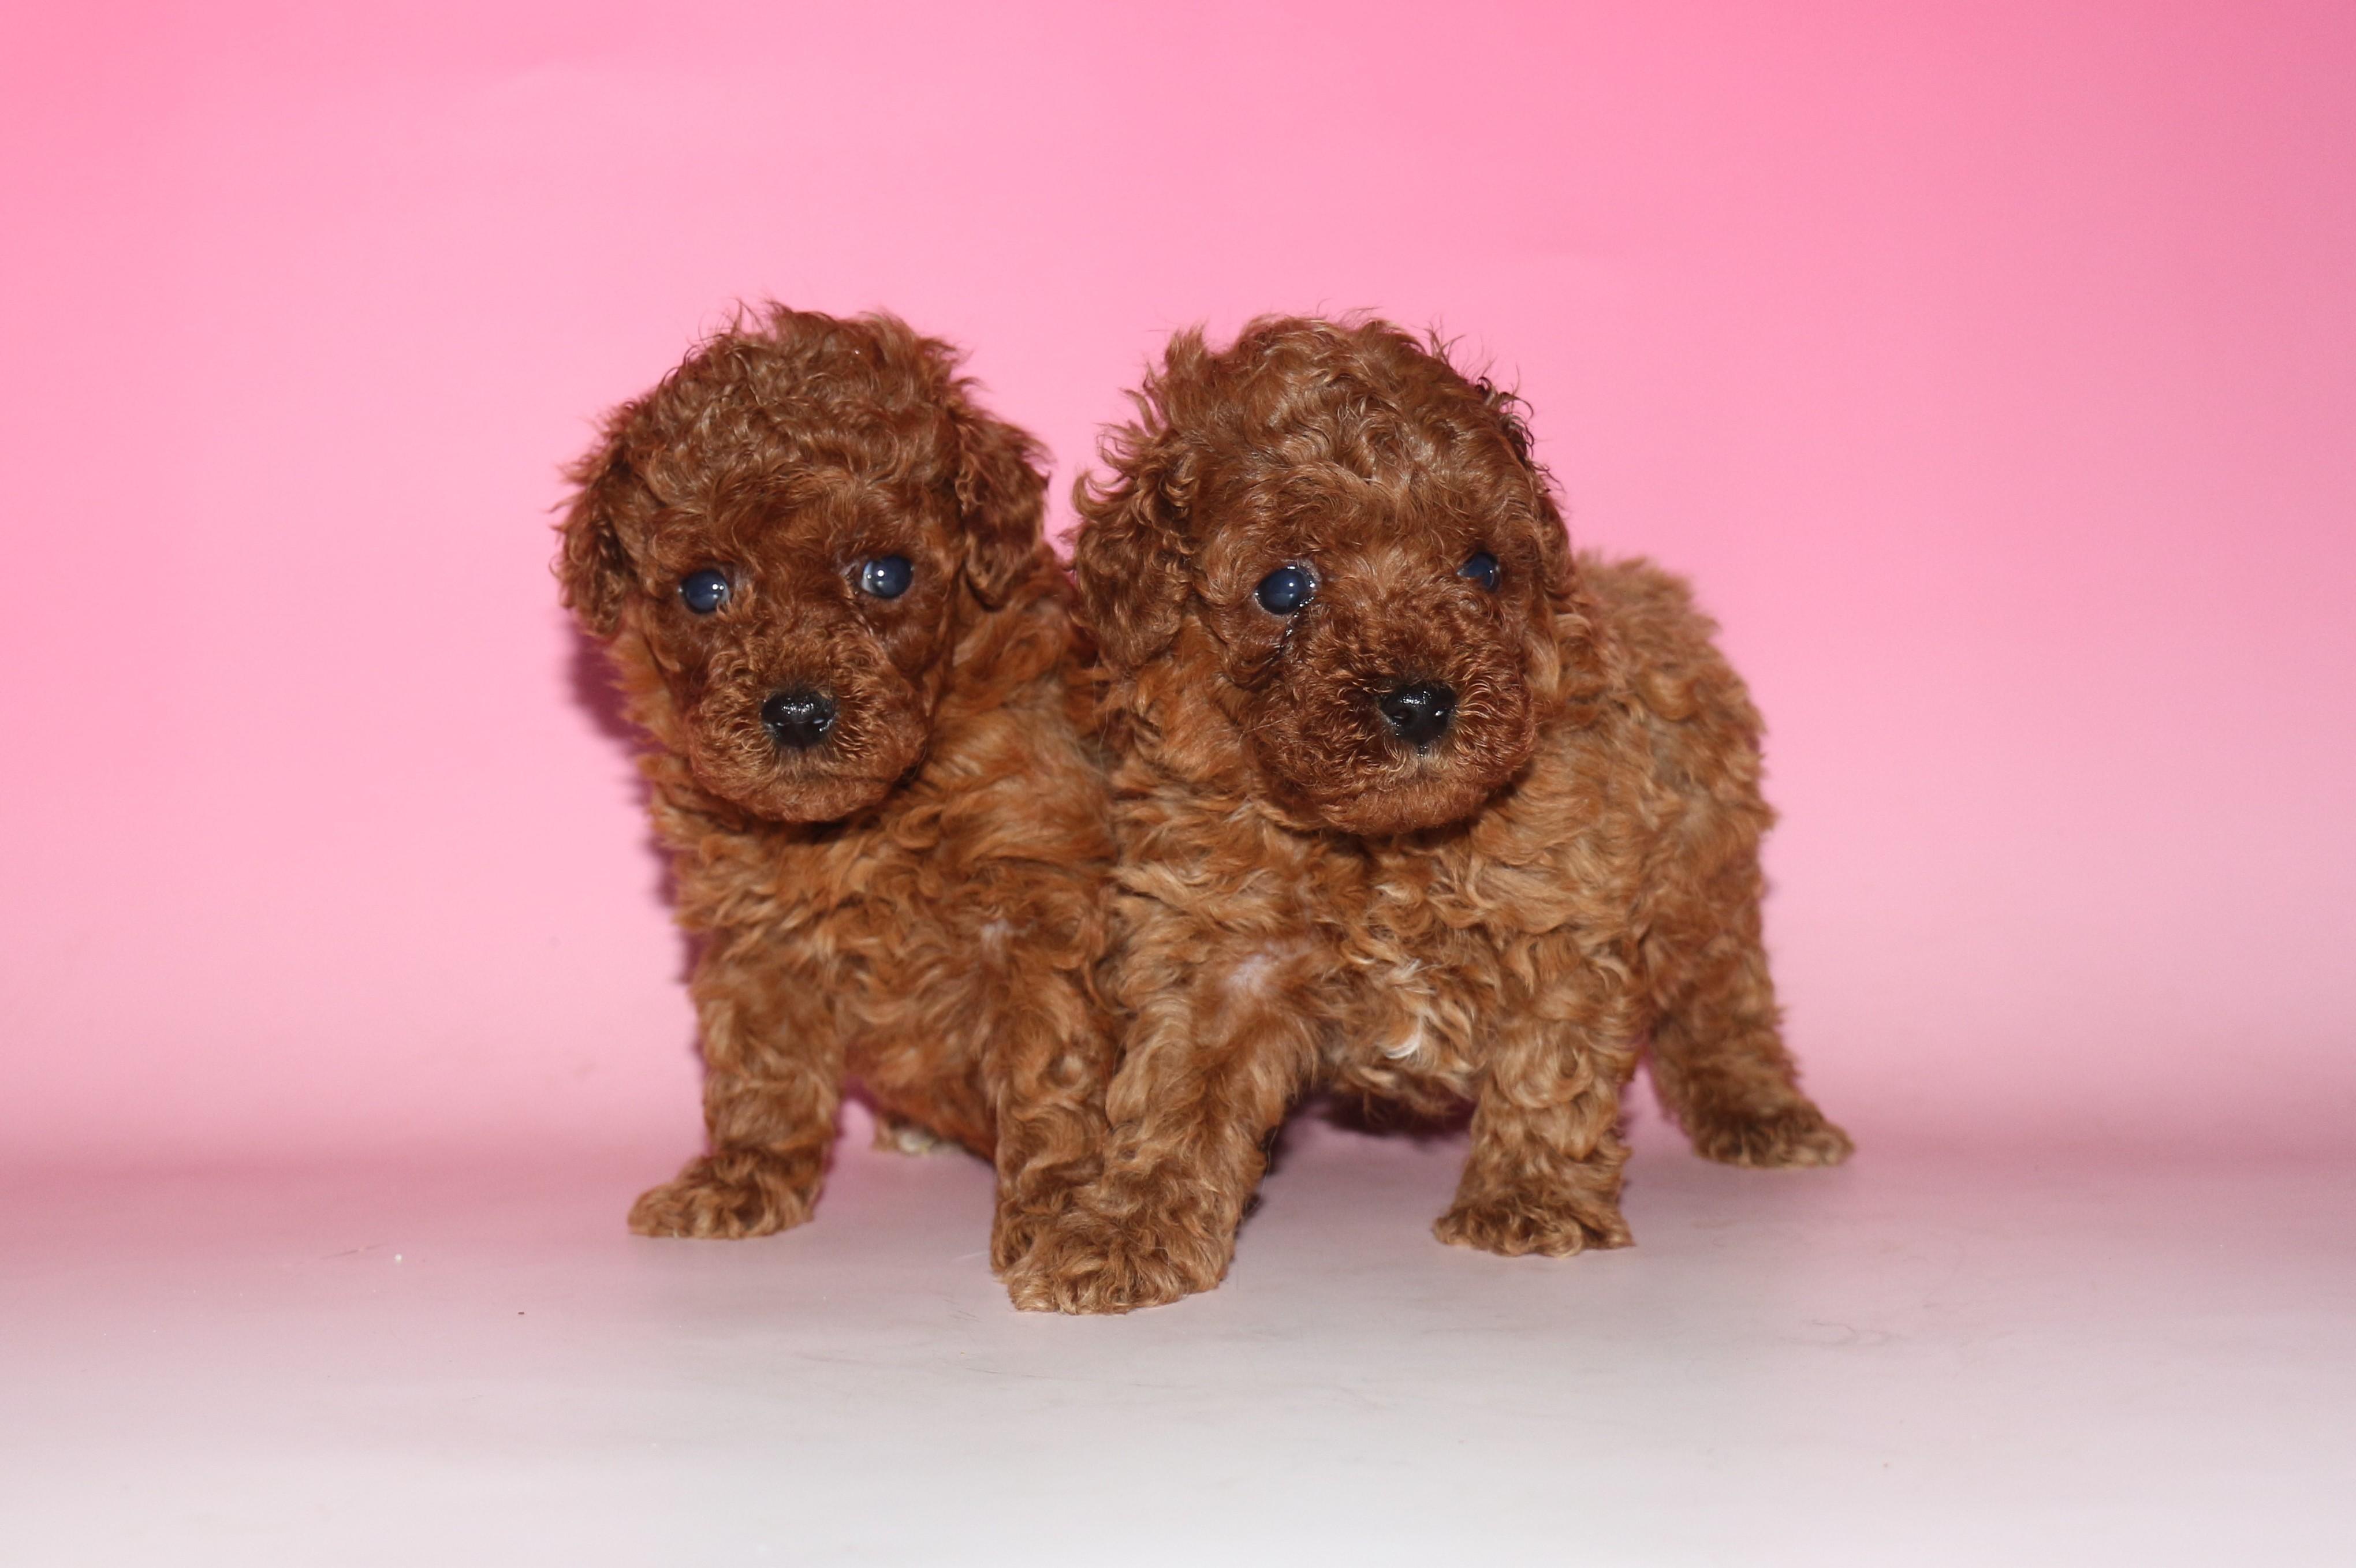 トイ・プードル 子犬販売情報の画像2